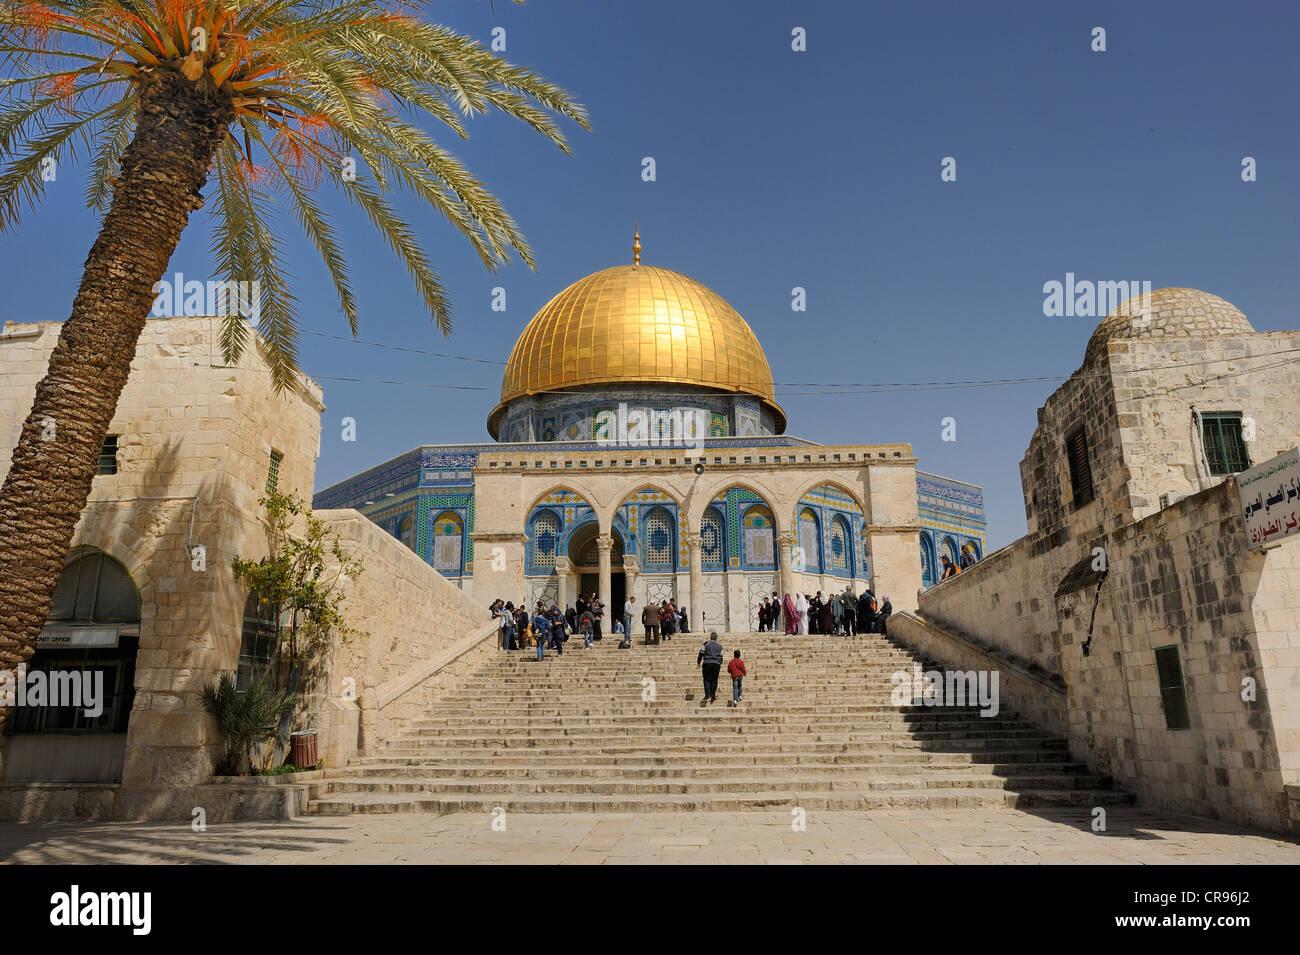 Las escaleras a la Cúpula de la roca en el Monte del Templo, el Barrio Musulmán, la Ciudad Vieja, Jerusalén, Imagen De Stock